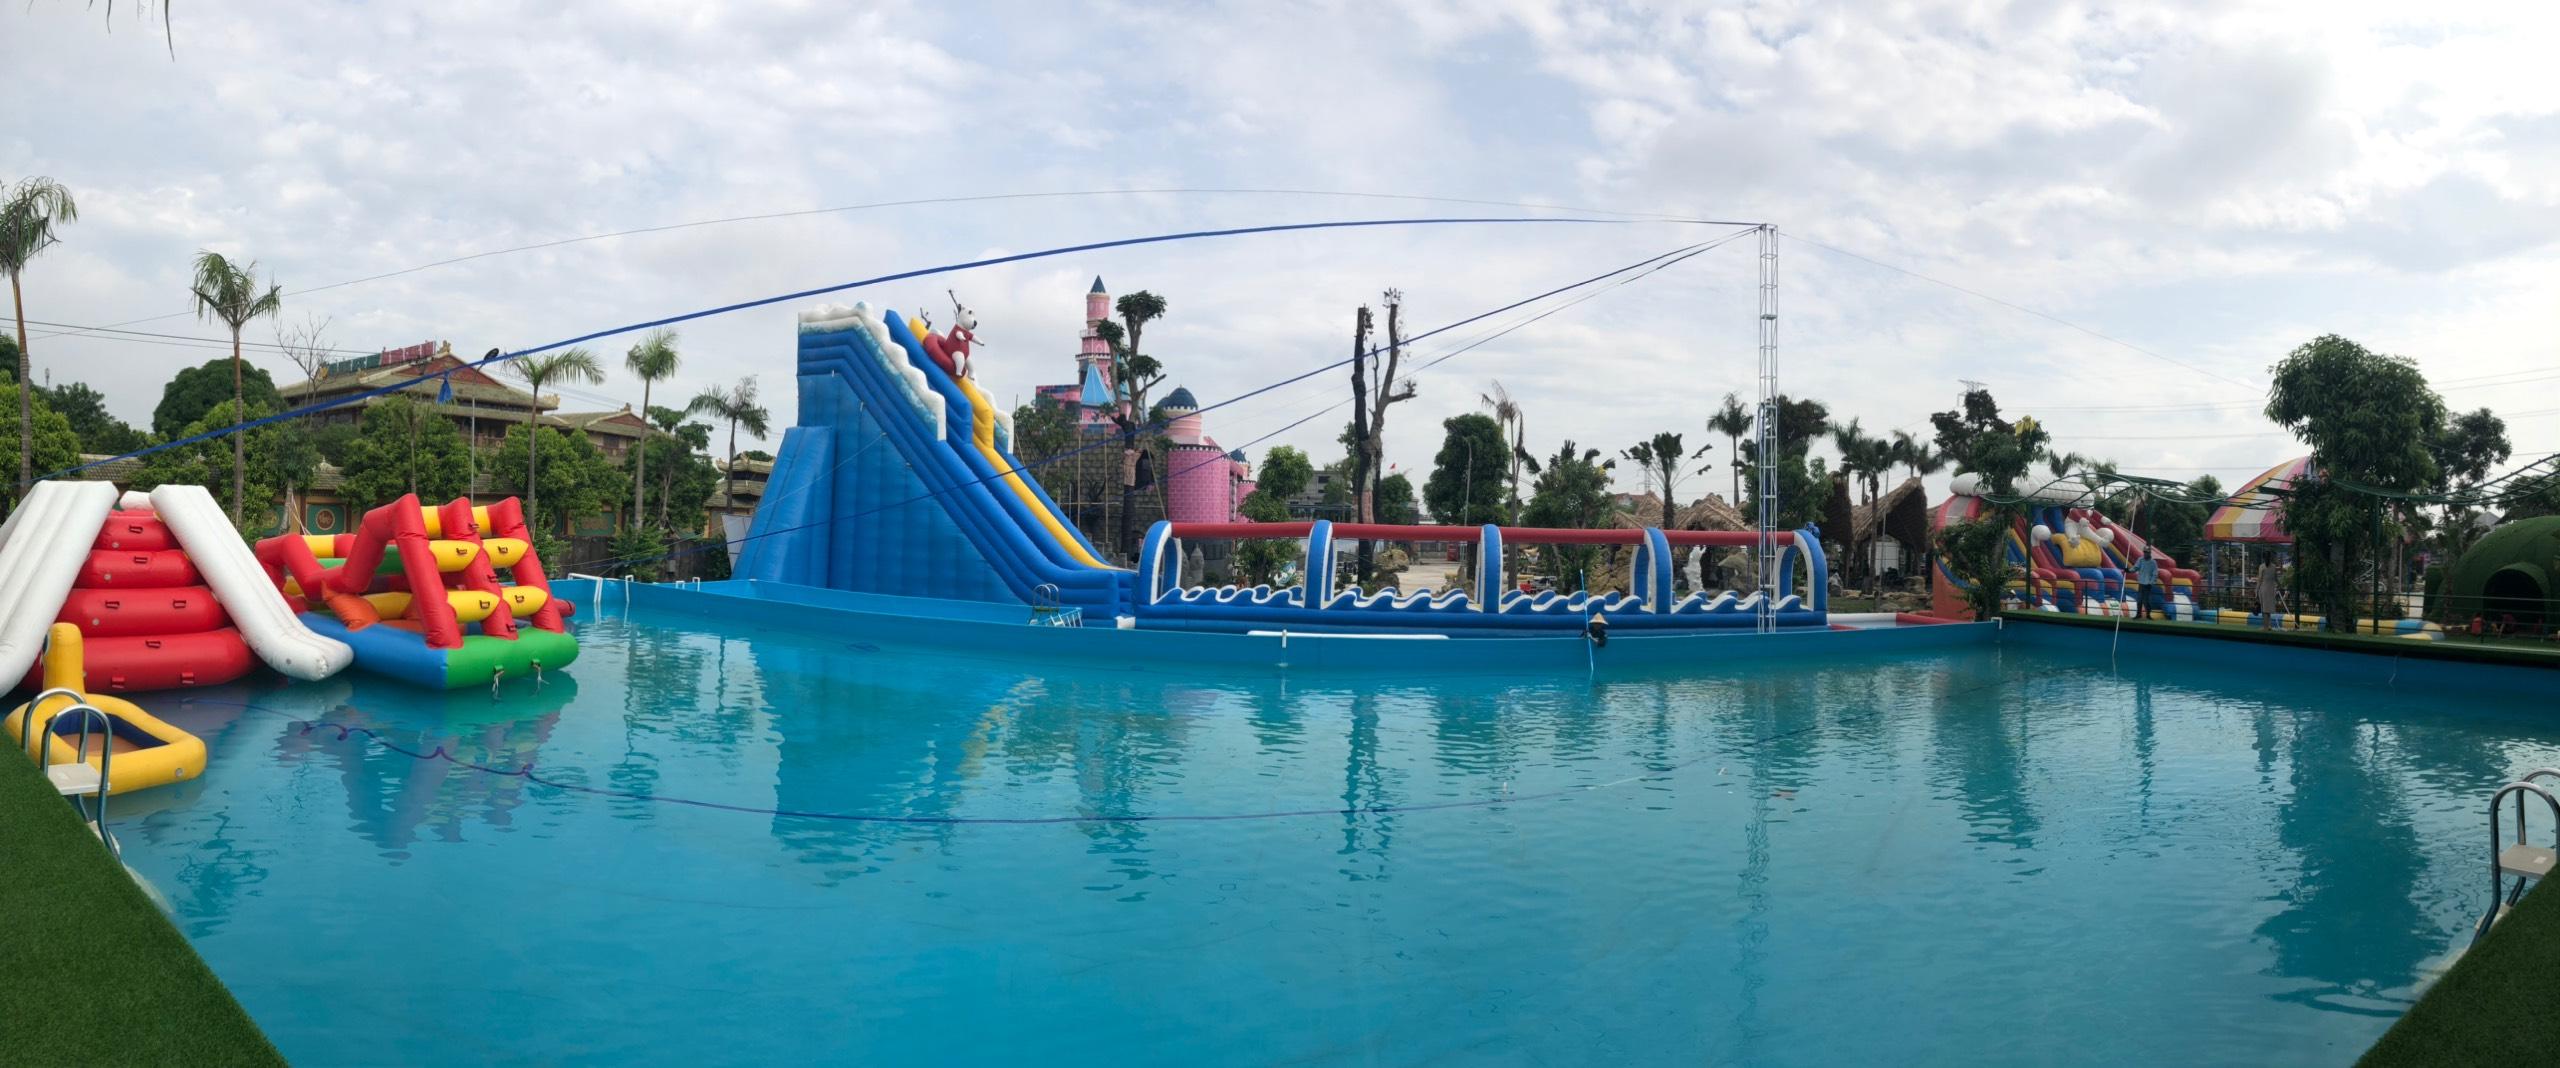 kinh doanh khu vui chơi bể bơi